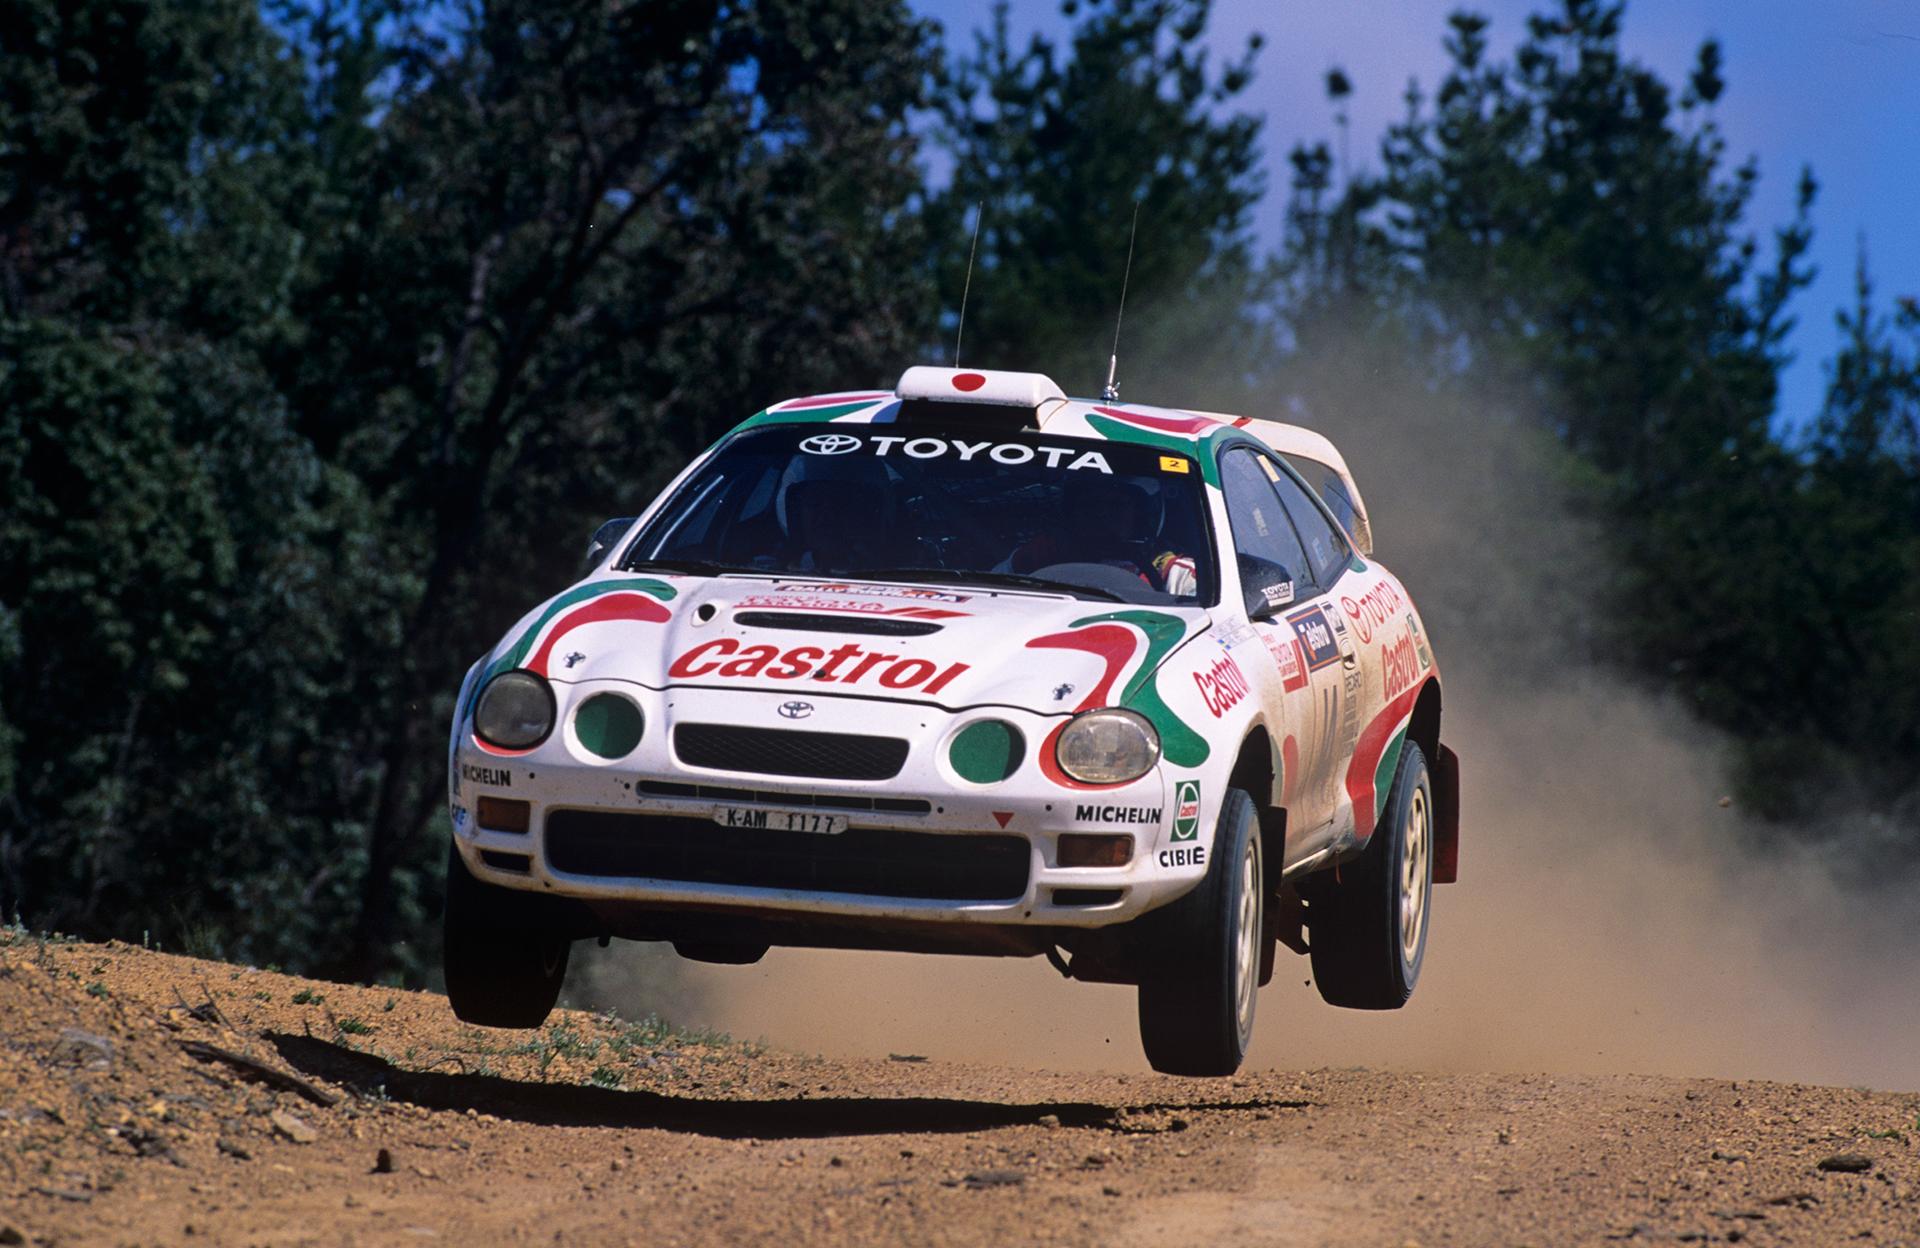 Toyota Castrol Celica GT Four WRC